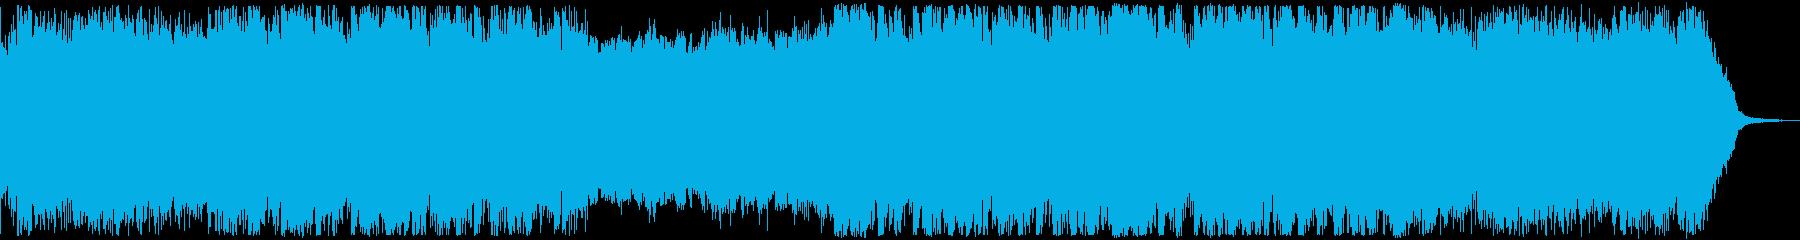 洋楽・かっこいいフューチャーベースの再生済みの波形